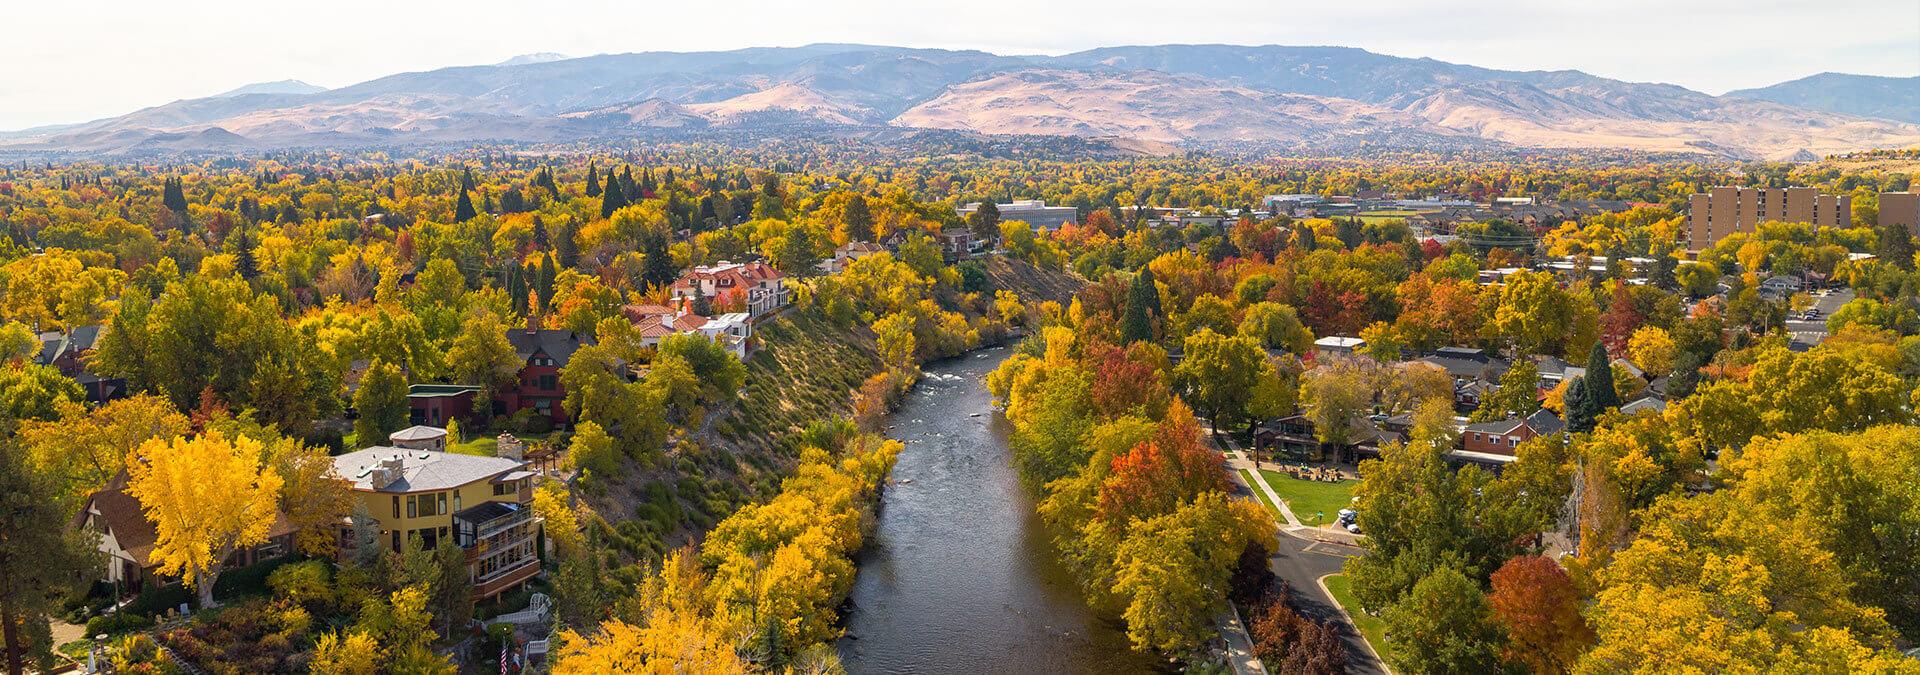 Fall Reno Tahoe Sierra Nevada Foothills